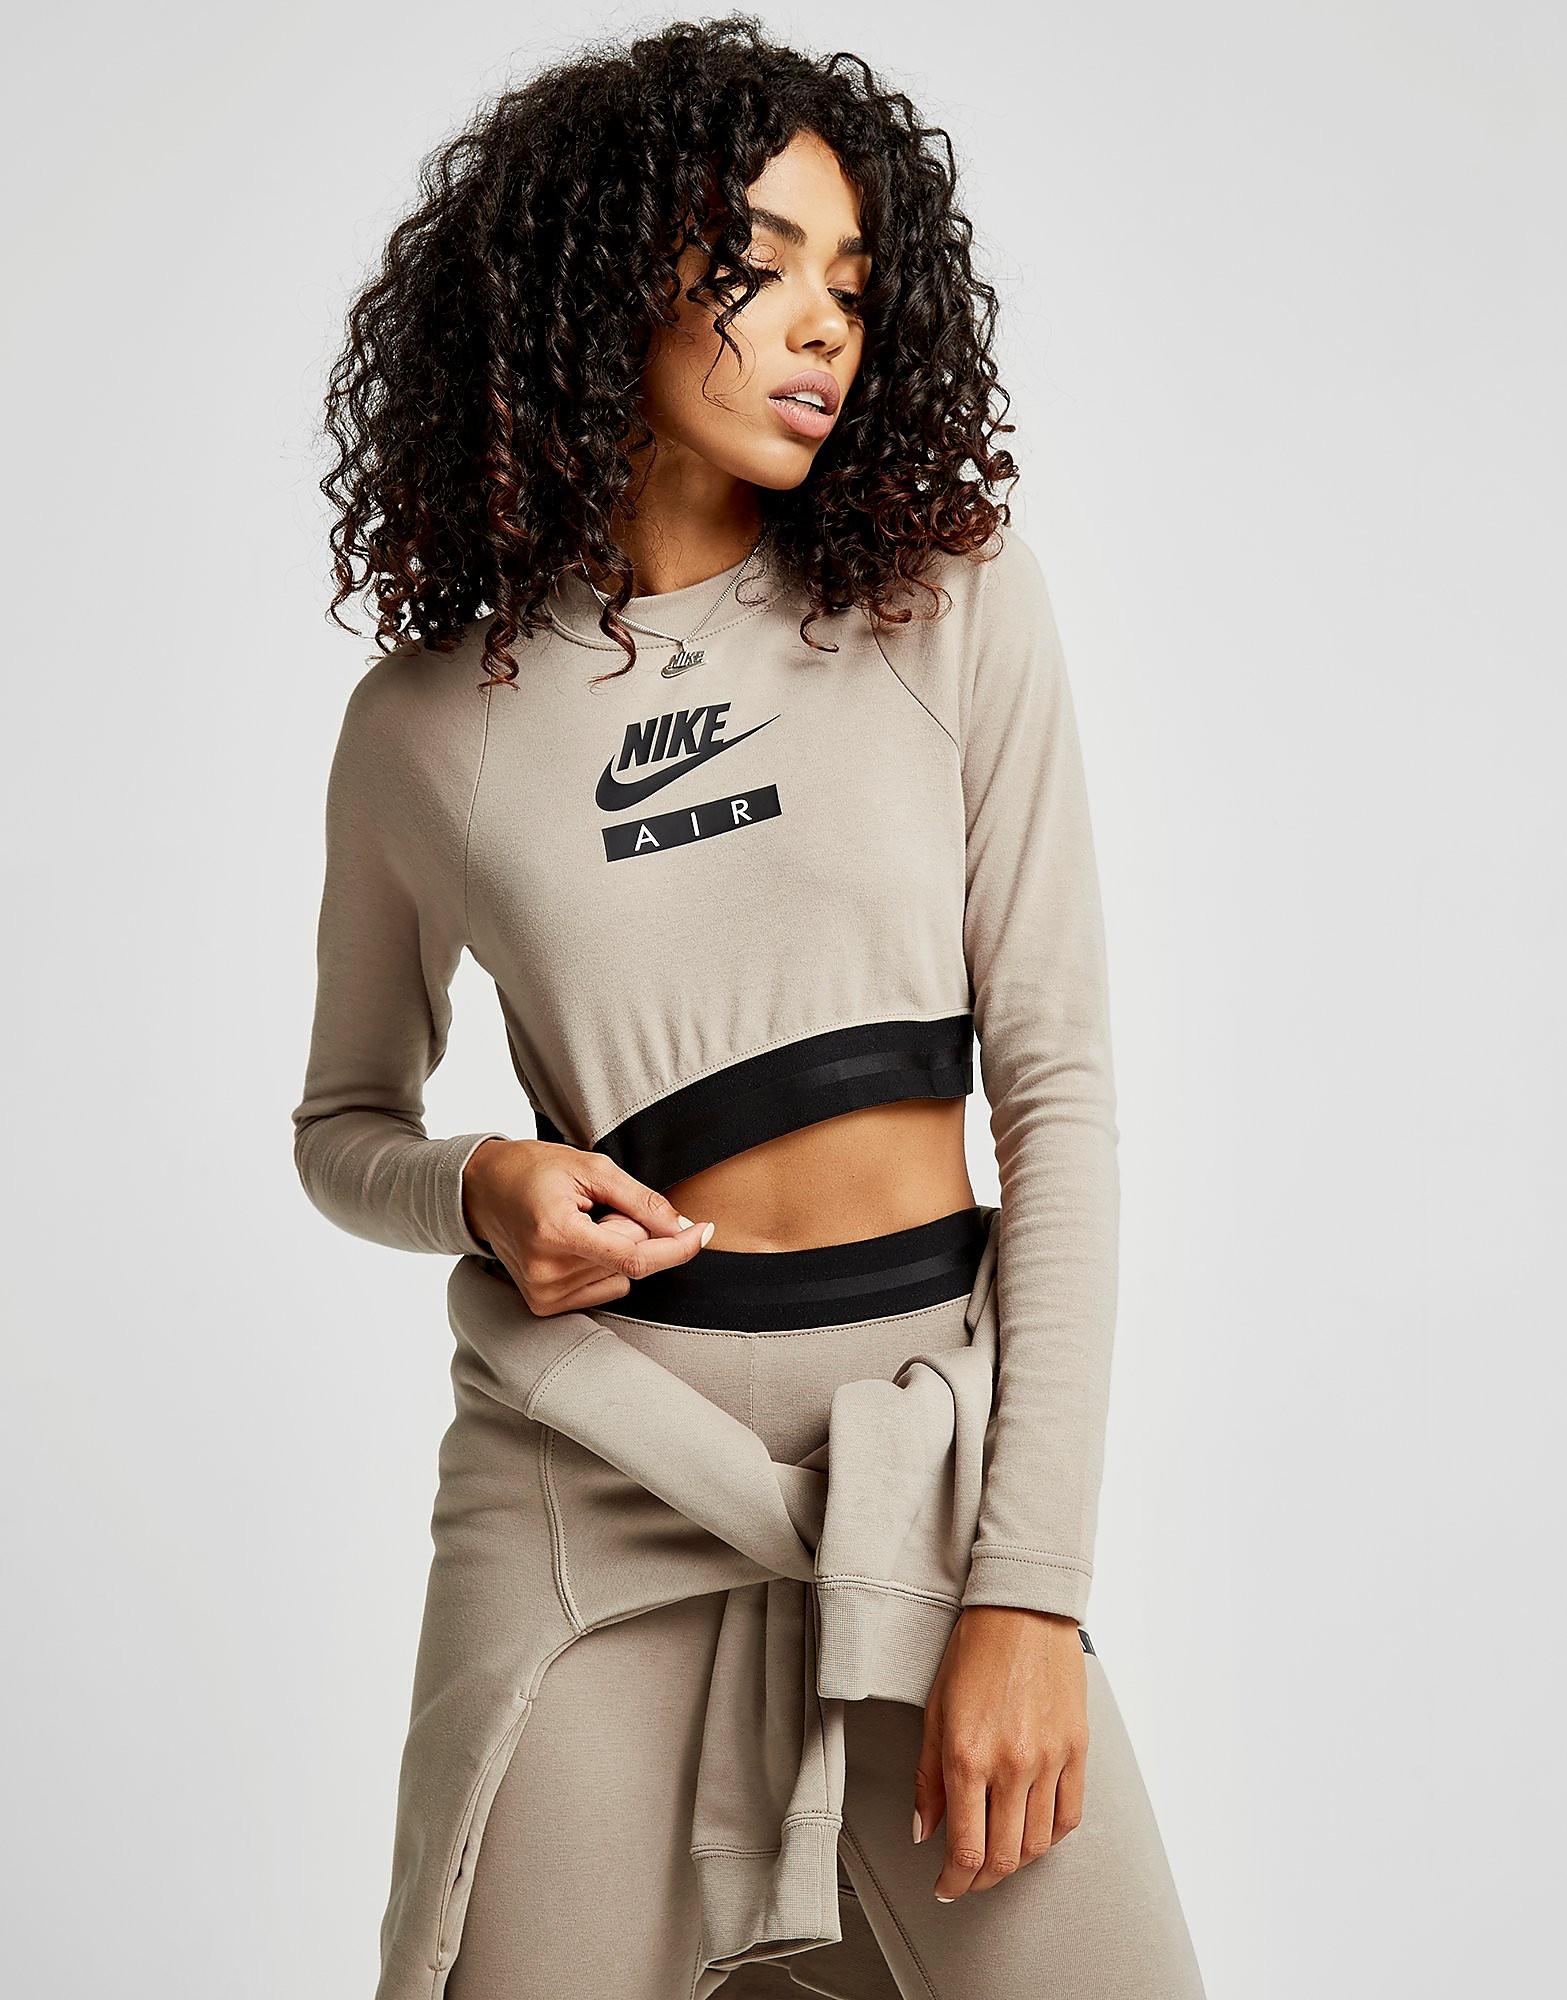 Nike Air Long Sleeve Crop Top